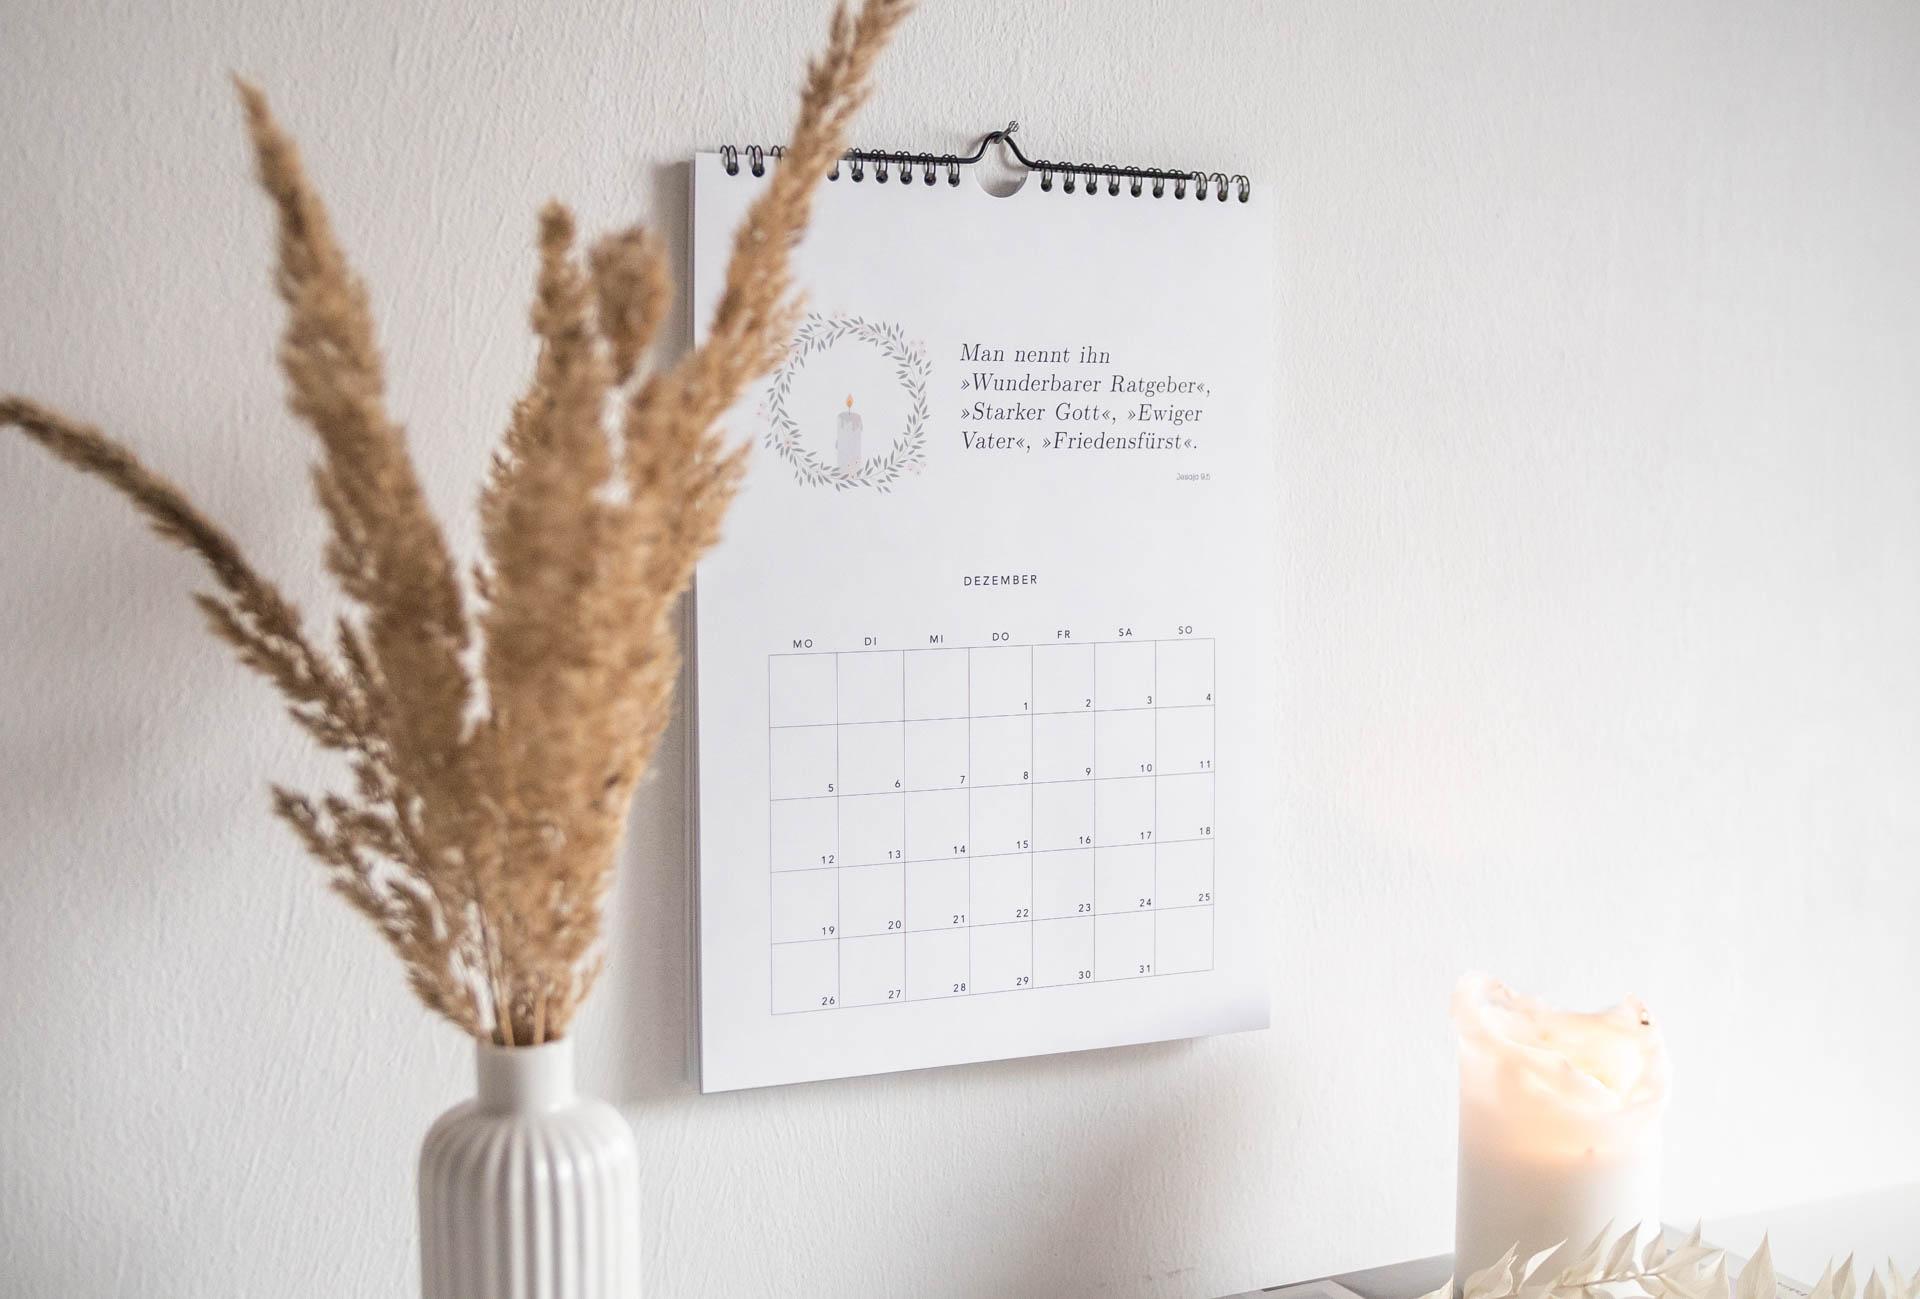 Wandkalender 2022 Wundervoller Ratgeber